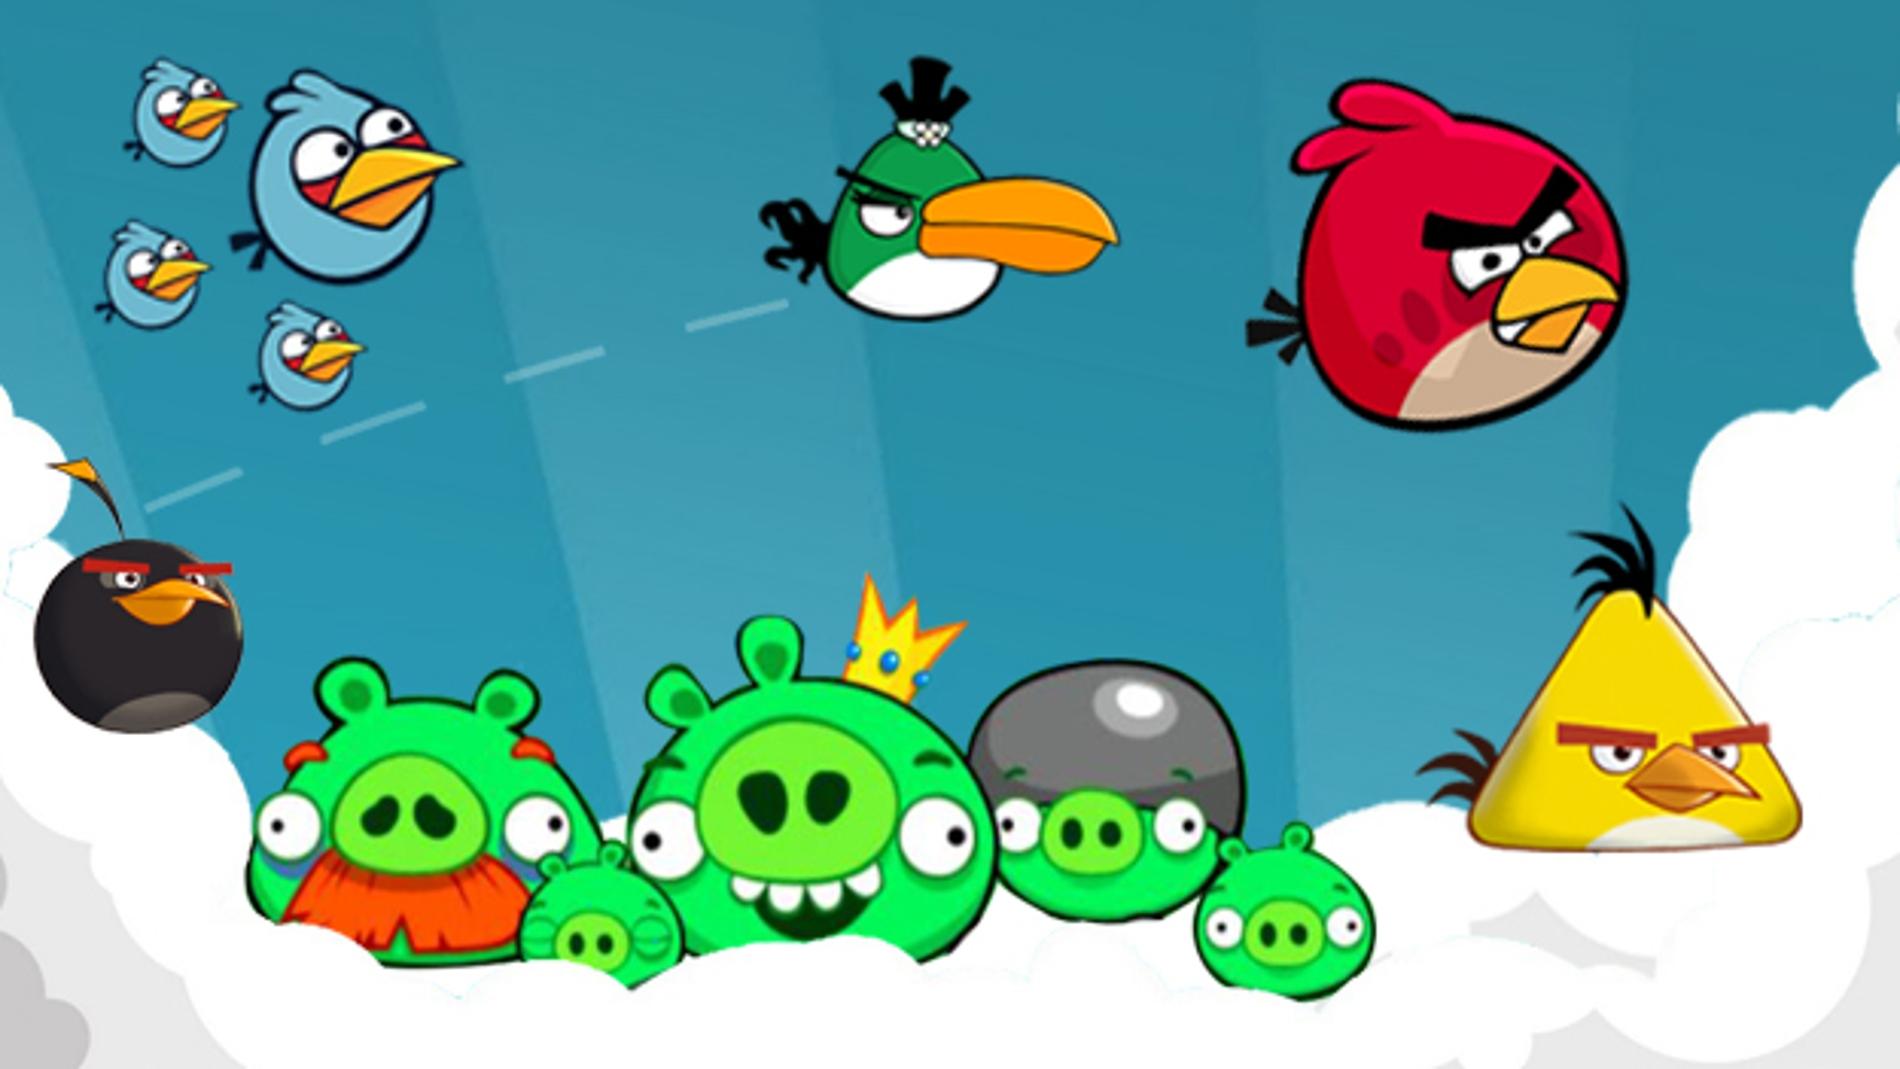 Montaje Angry Birds